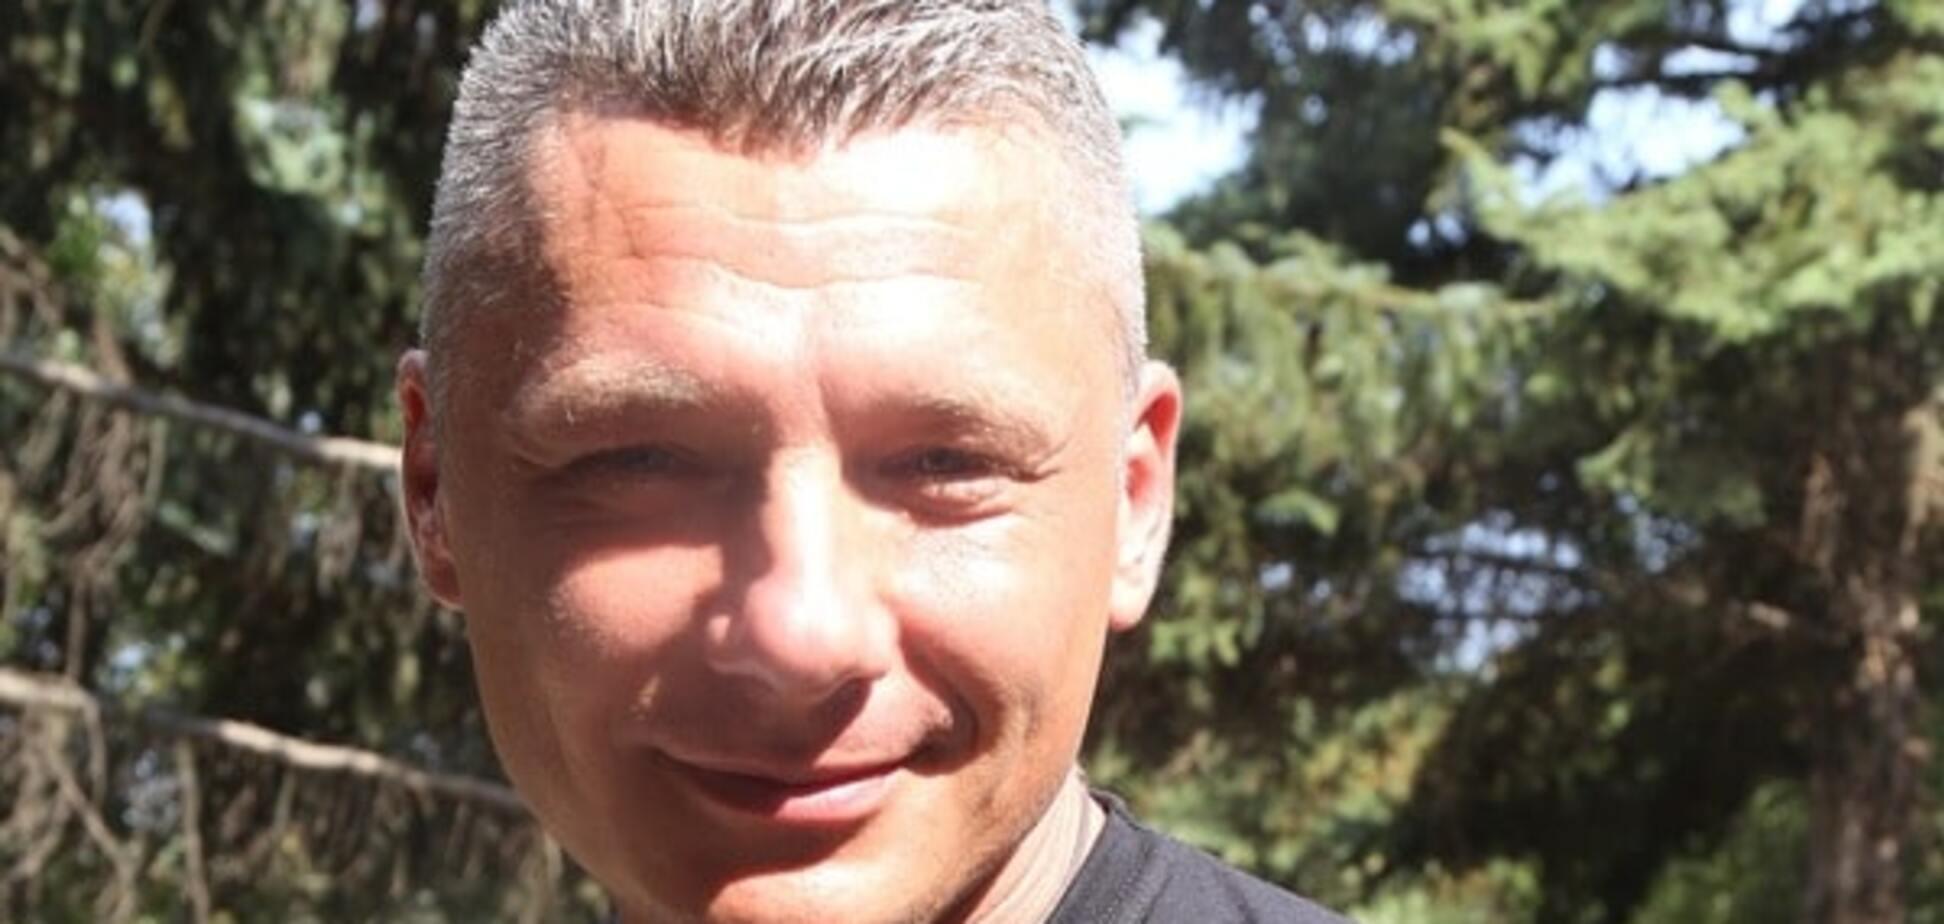 'Война имеет один плюс - она объединила украинцев': поляк-доброволец рассказал, почему воюет за Украину